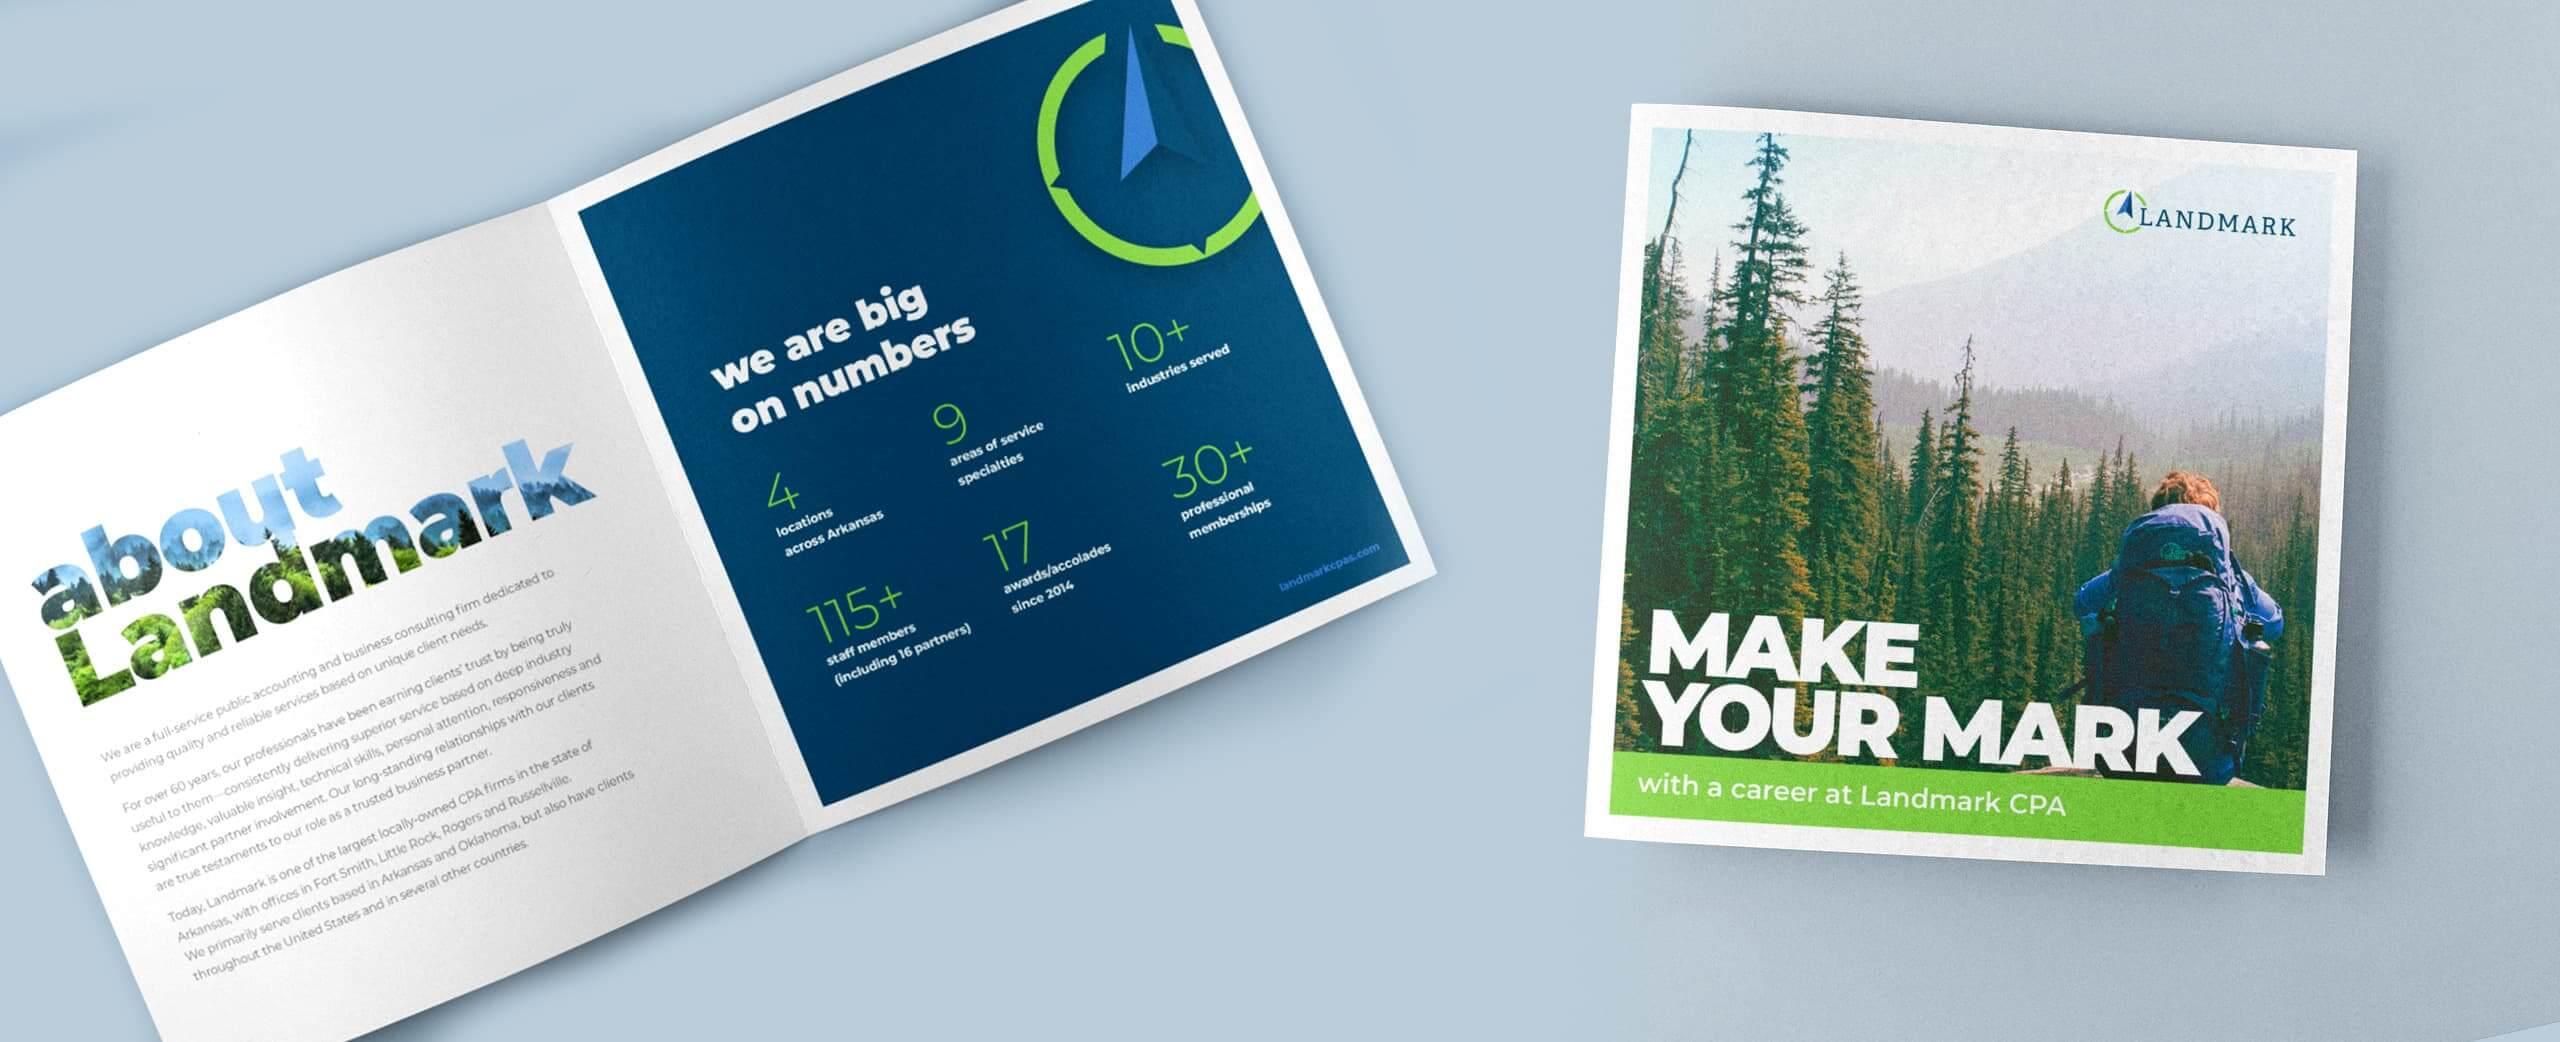 Landmark-Careers-Brochure